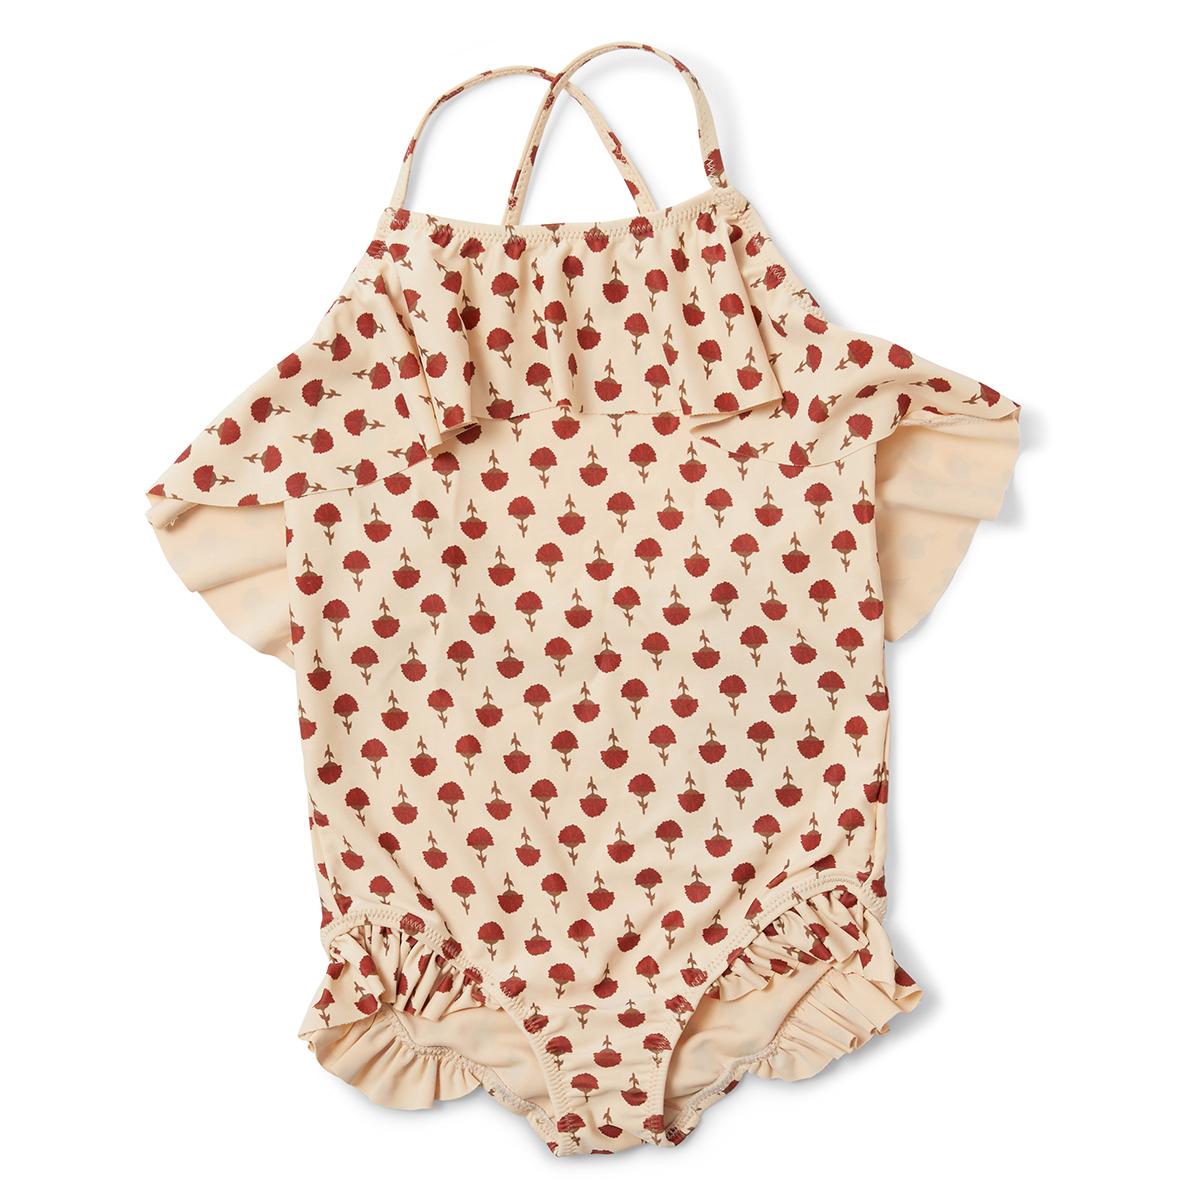 Accessoires bébé Maillot de Bain Manuca Poppyflower Red - 18 mois Maillot de Bain Manuca Poppyflower Red - 18 mois